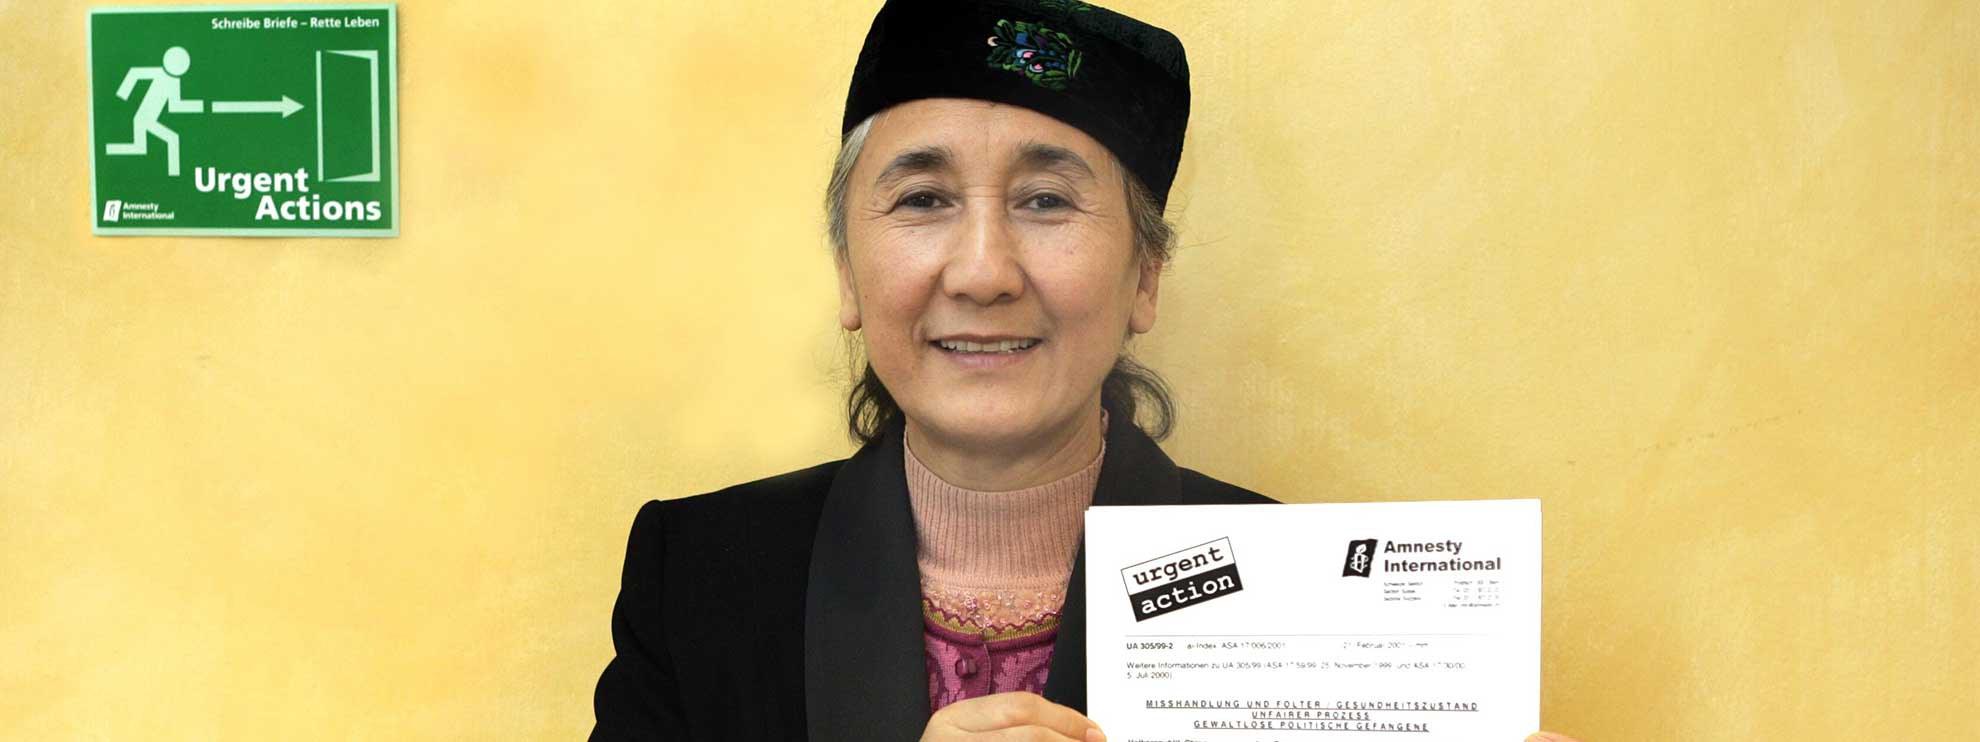 Die uigurische Frauen- und Menschenrechtlerin Rebiya Kadeer war 1999 in China festgenommen und zu acht Jahren Gefängnis verurteilt worden. Dank internationalem Druck kam sie 2005 frei und lebt heute im Exil. © Stephan Anderegg